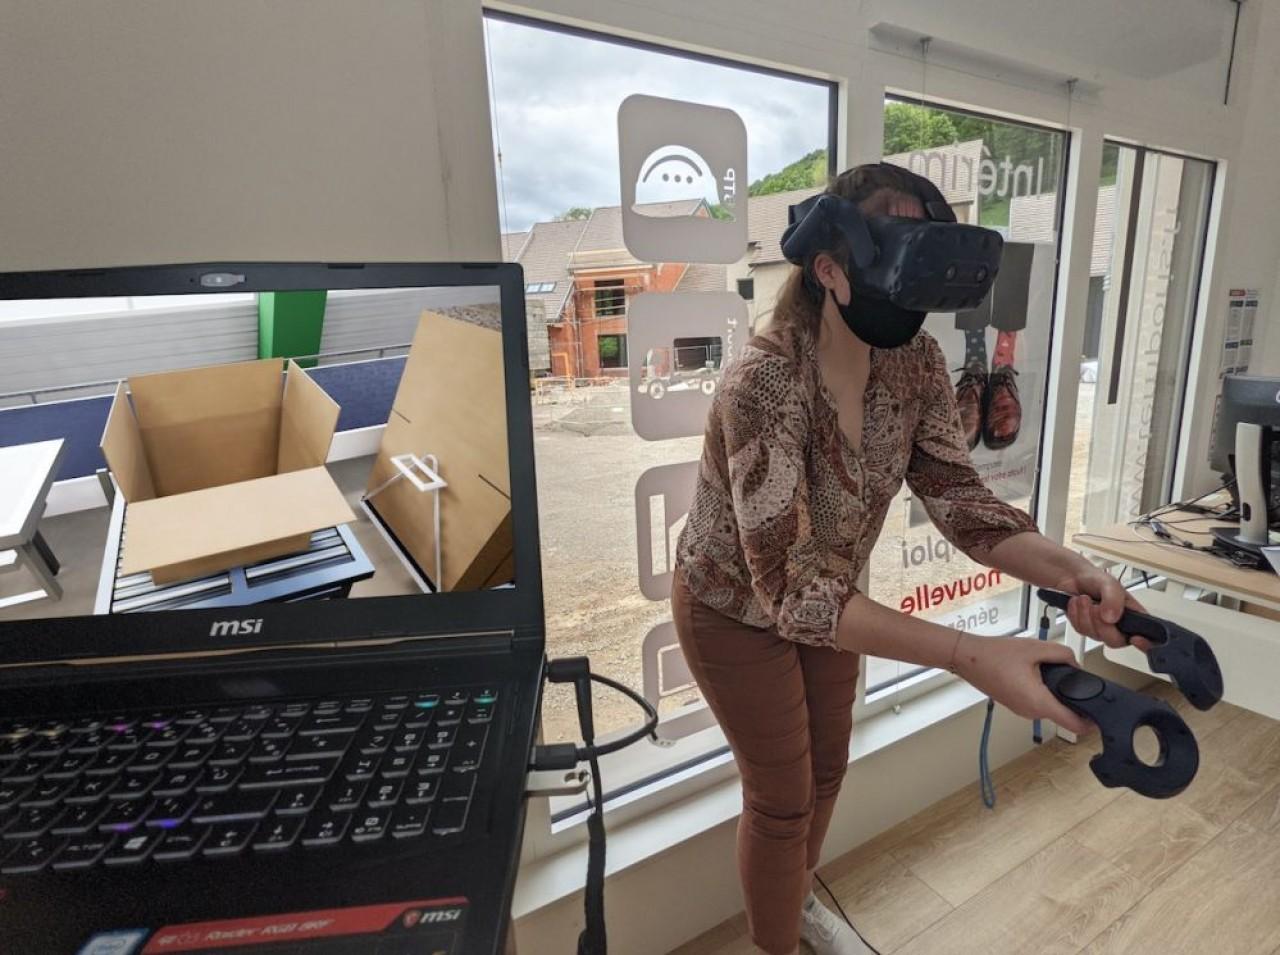 Recrutement  d'Intérimaires par Temporis, via la simulation virtuelle, chez Guillin Emballages. © Sekhem Studio